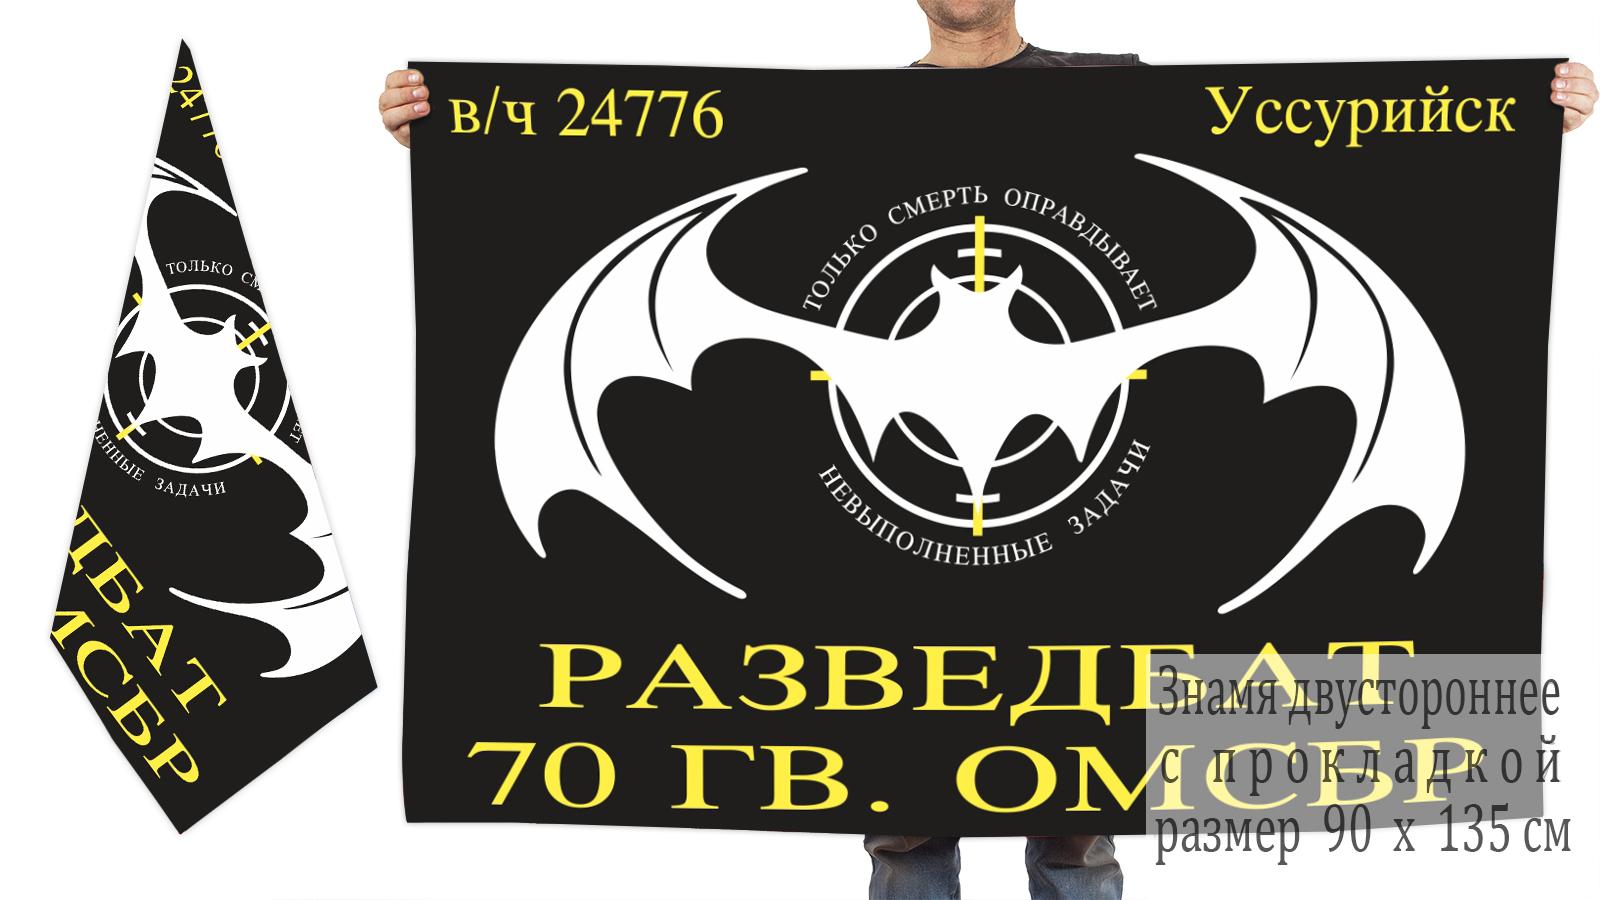 Двусторонний флаг Разведбата 70 ОМСБр